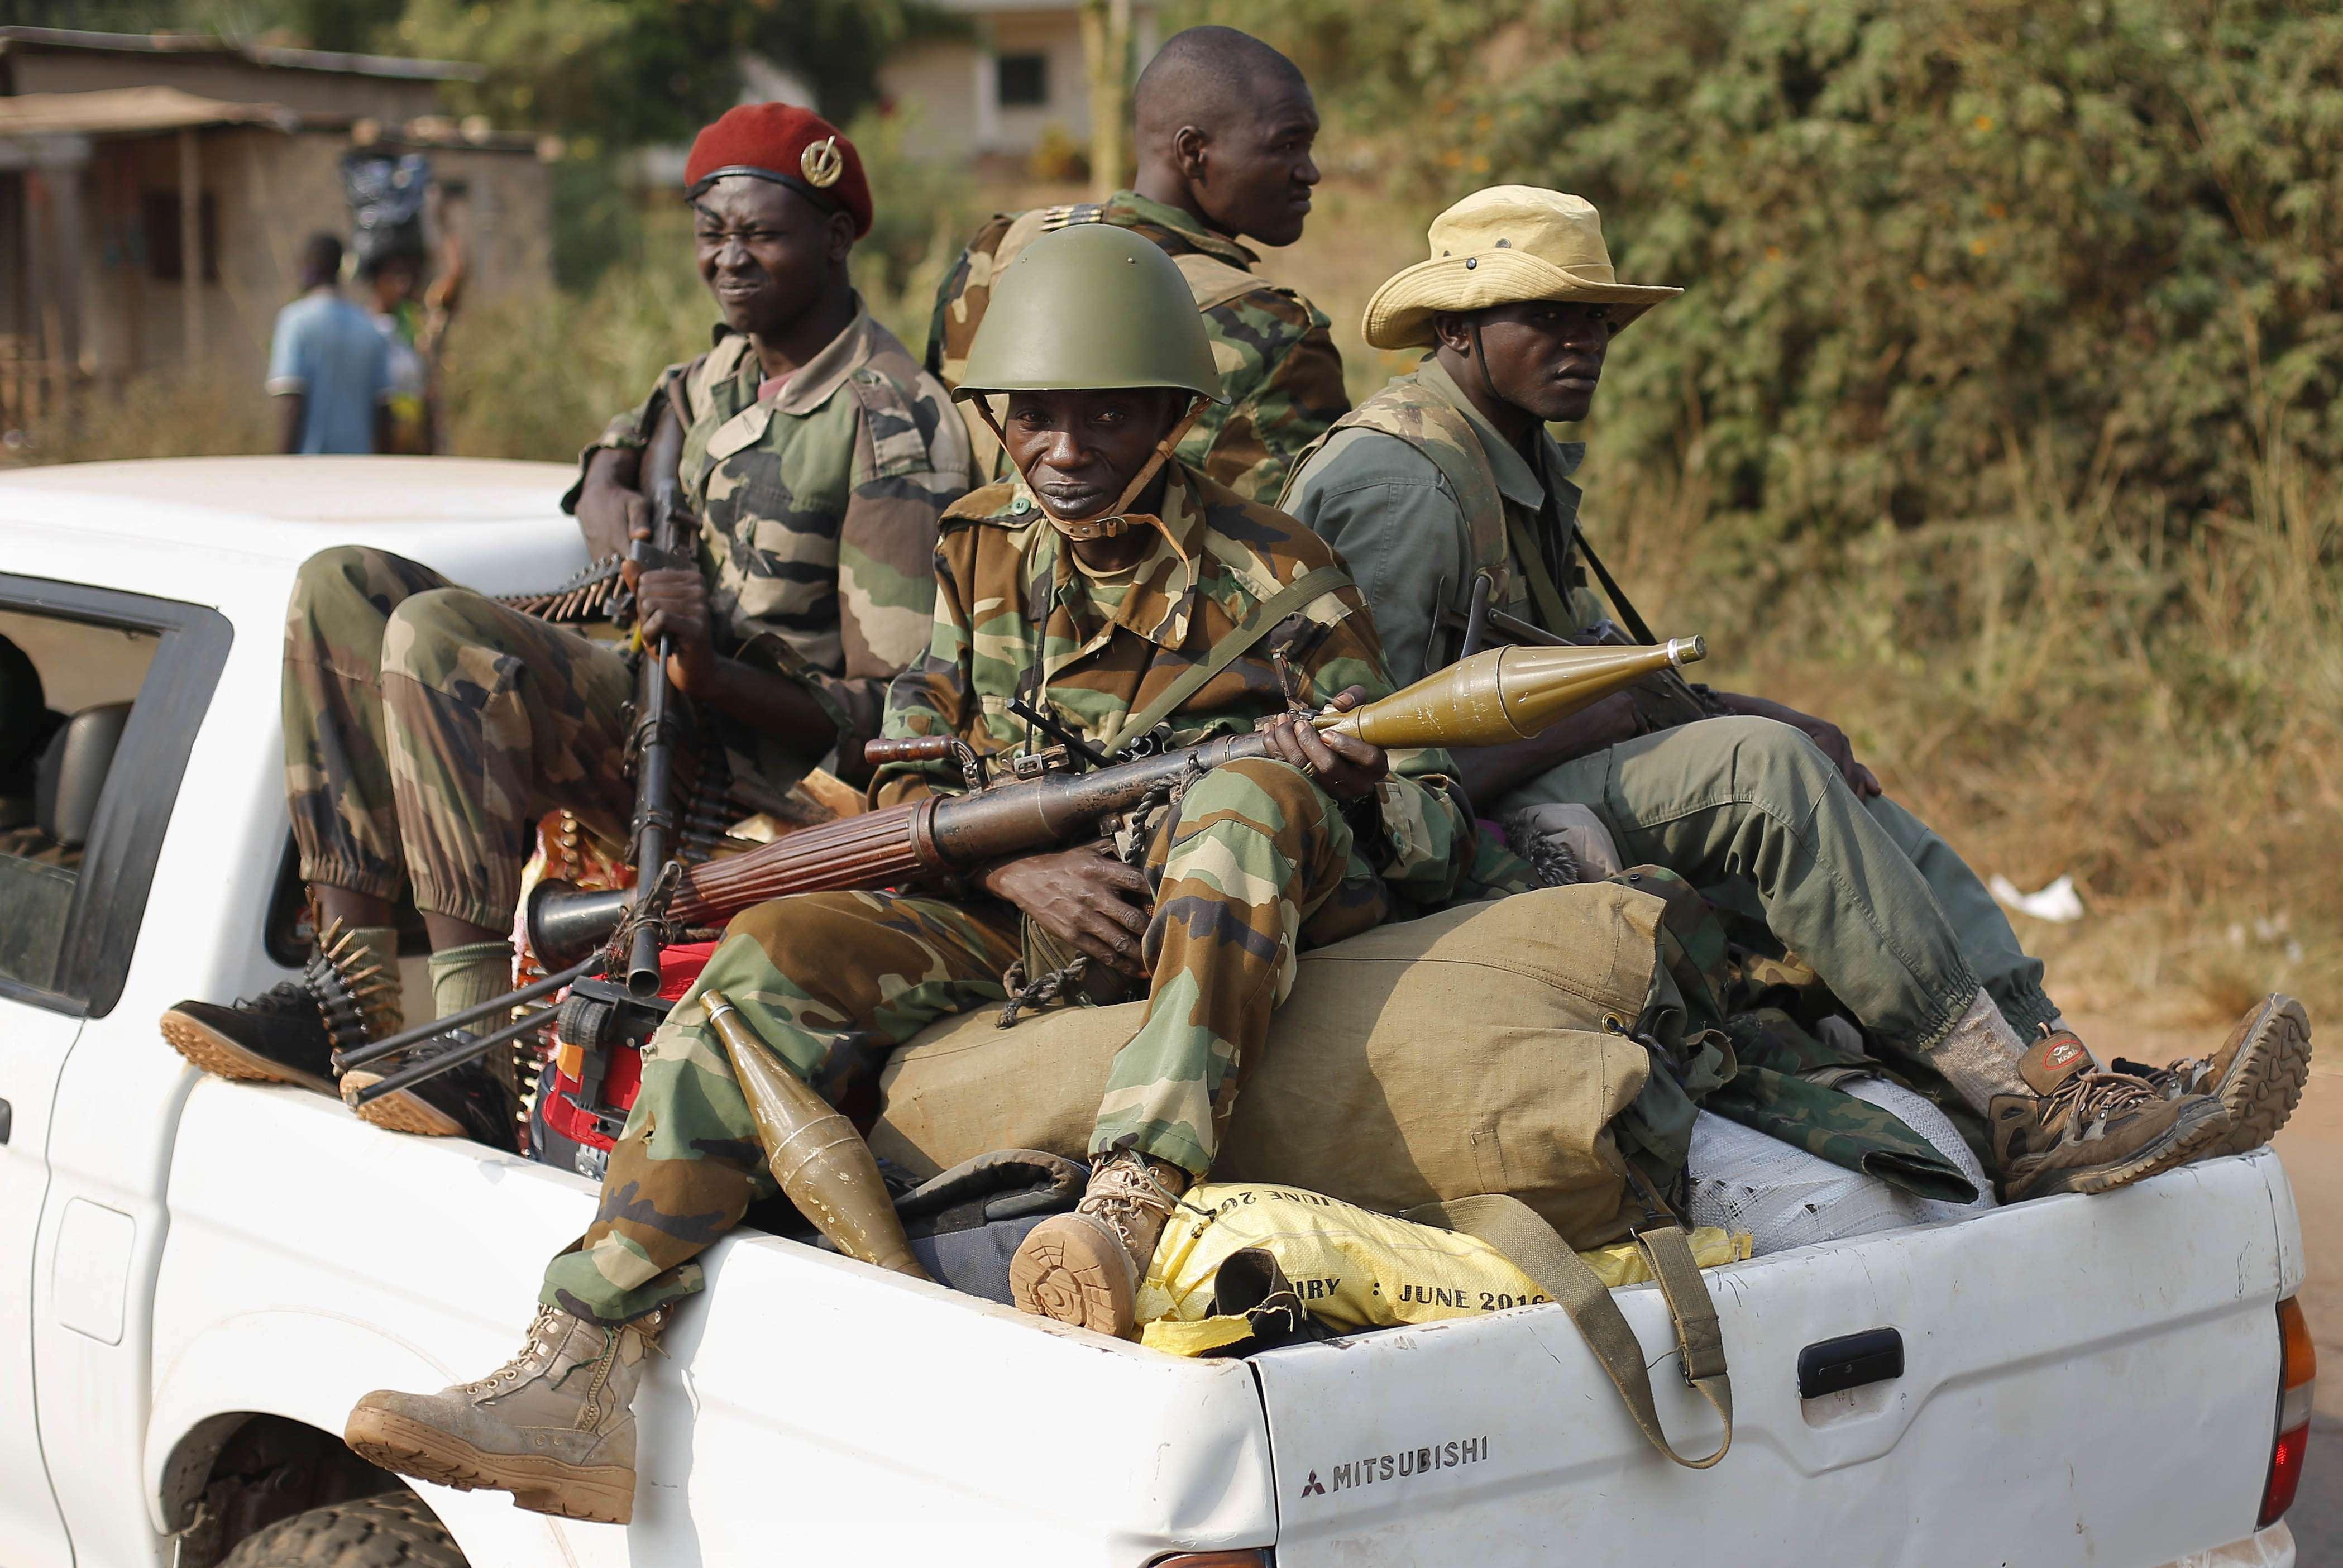 Des miliciens de la Séléka traversent Bangui, en République centrafricaine, le lundi 27 janvier 2014.